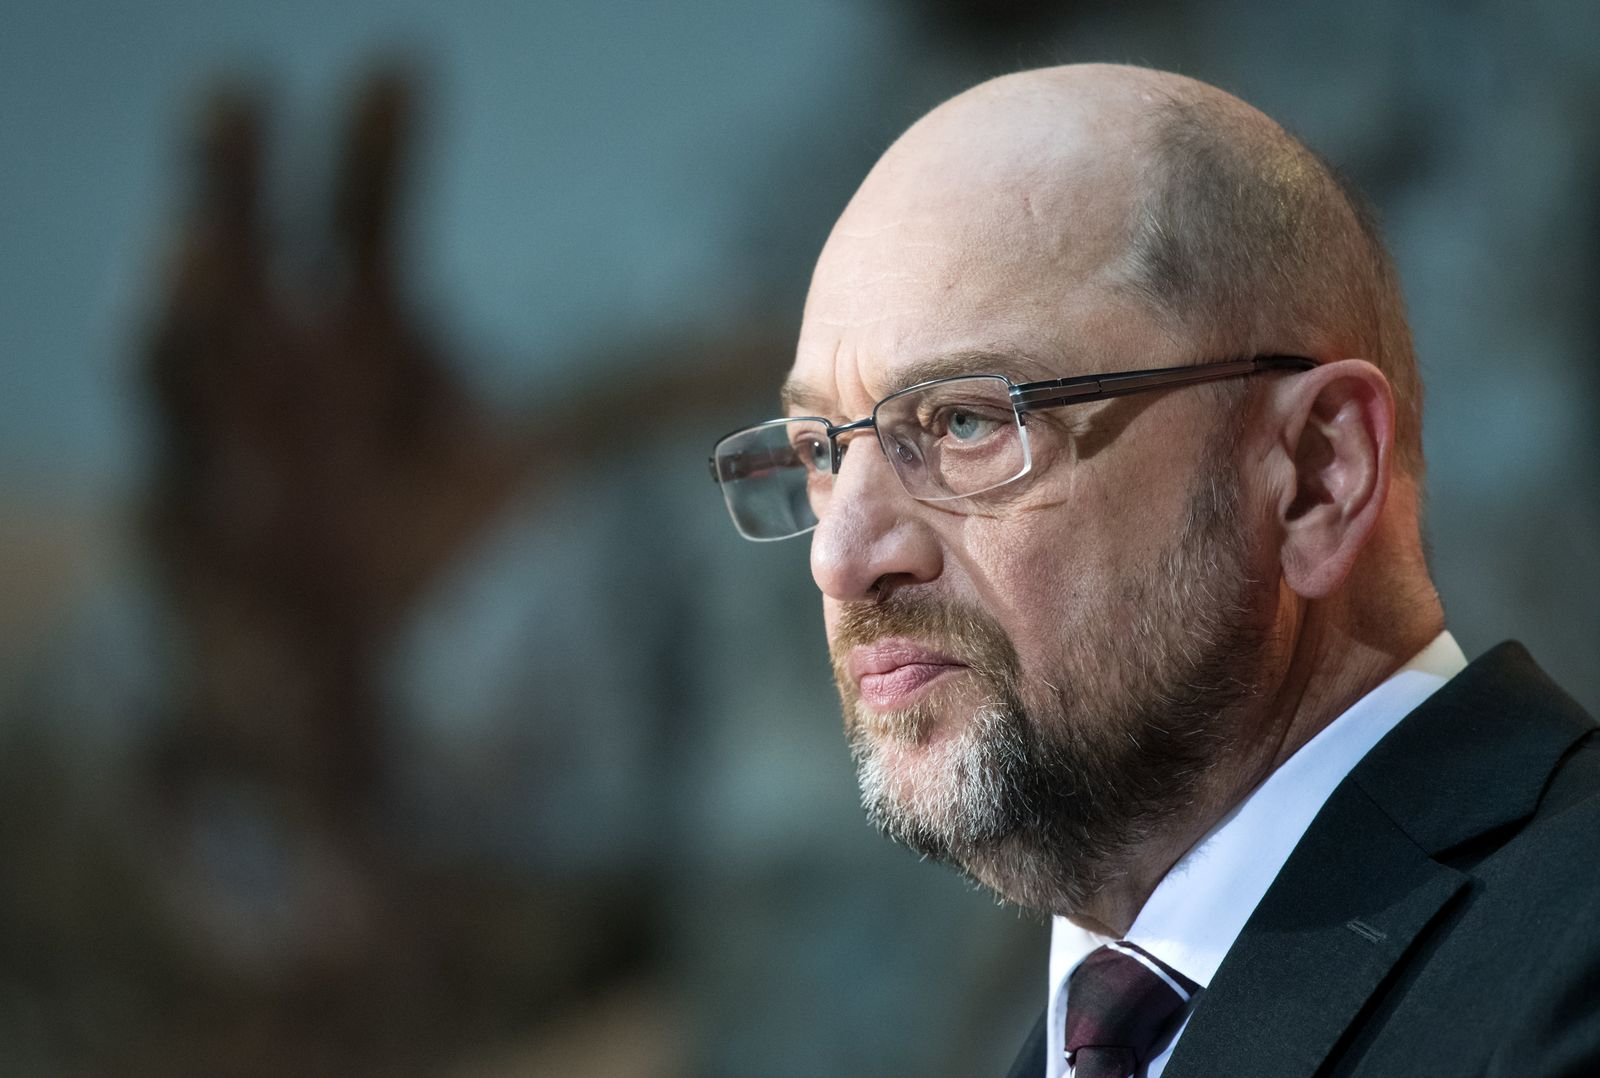 Martin Schulz/ SPD